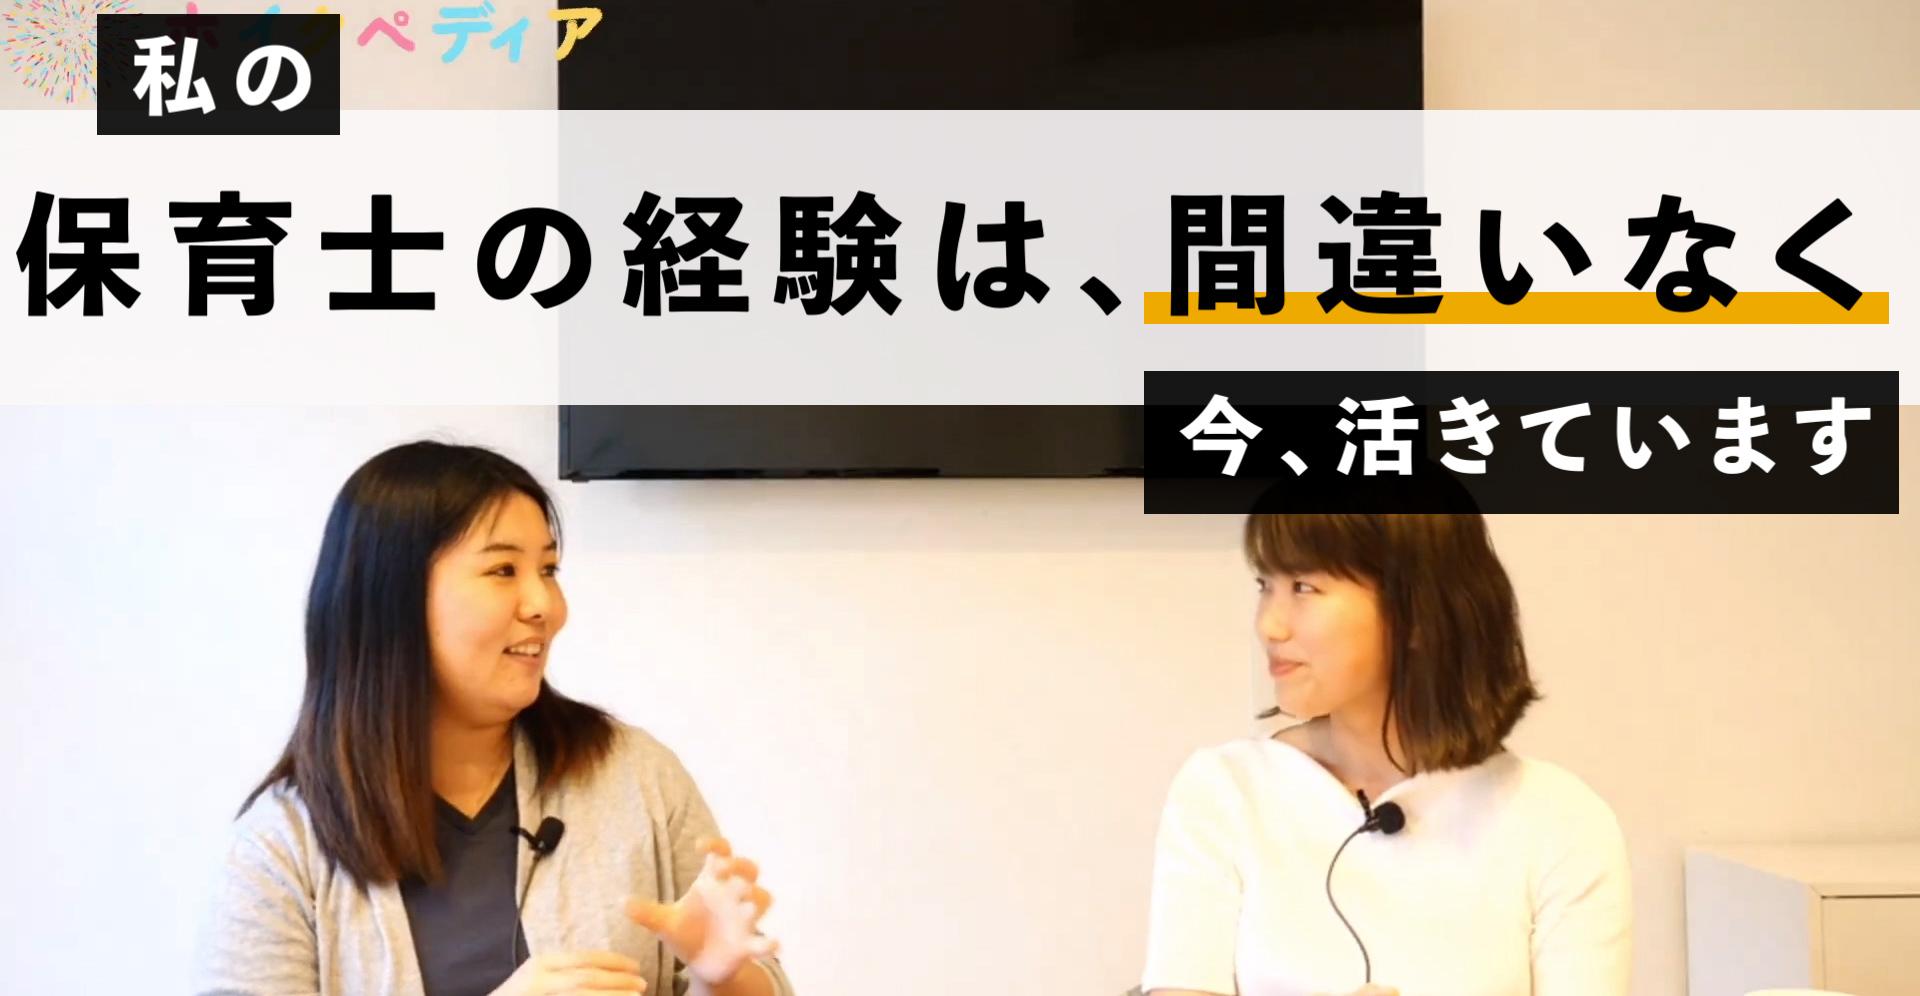 [動画]永住権を目指してナニーで就労中!Yukaさんに聞いてみた!